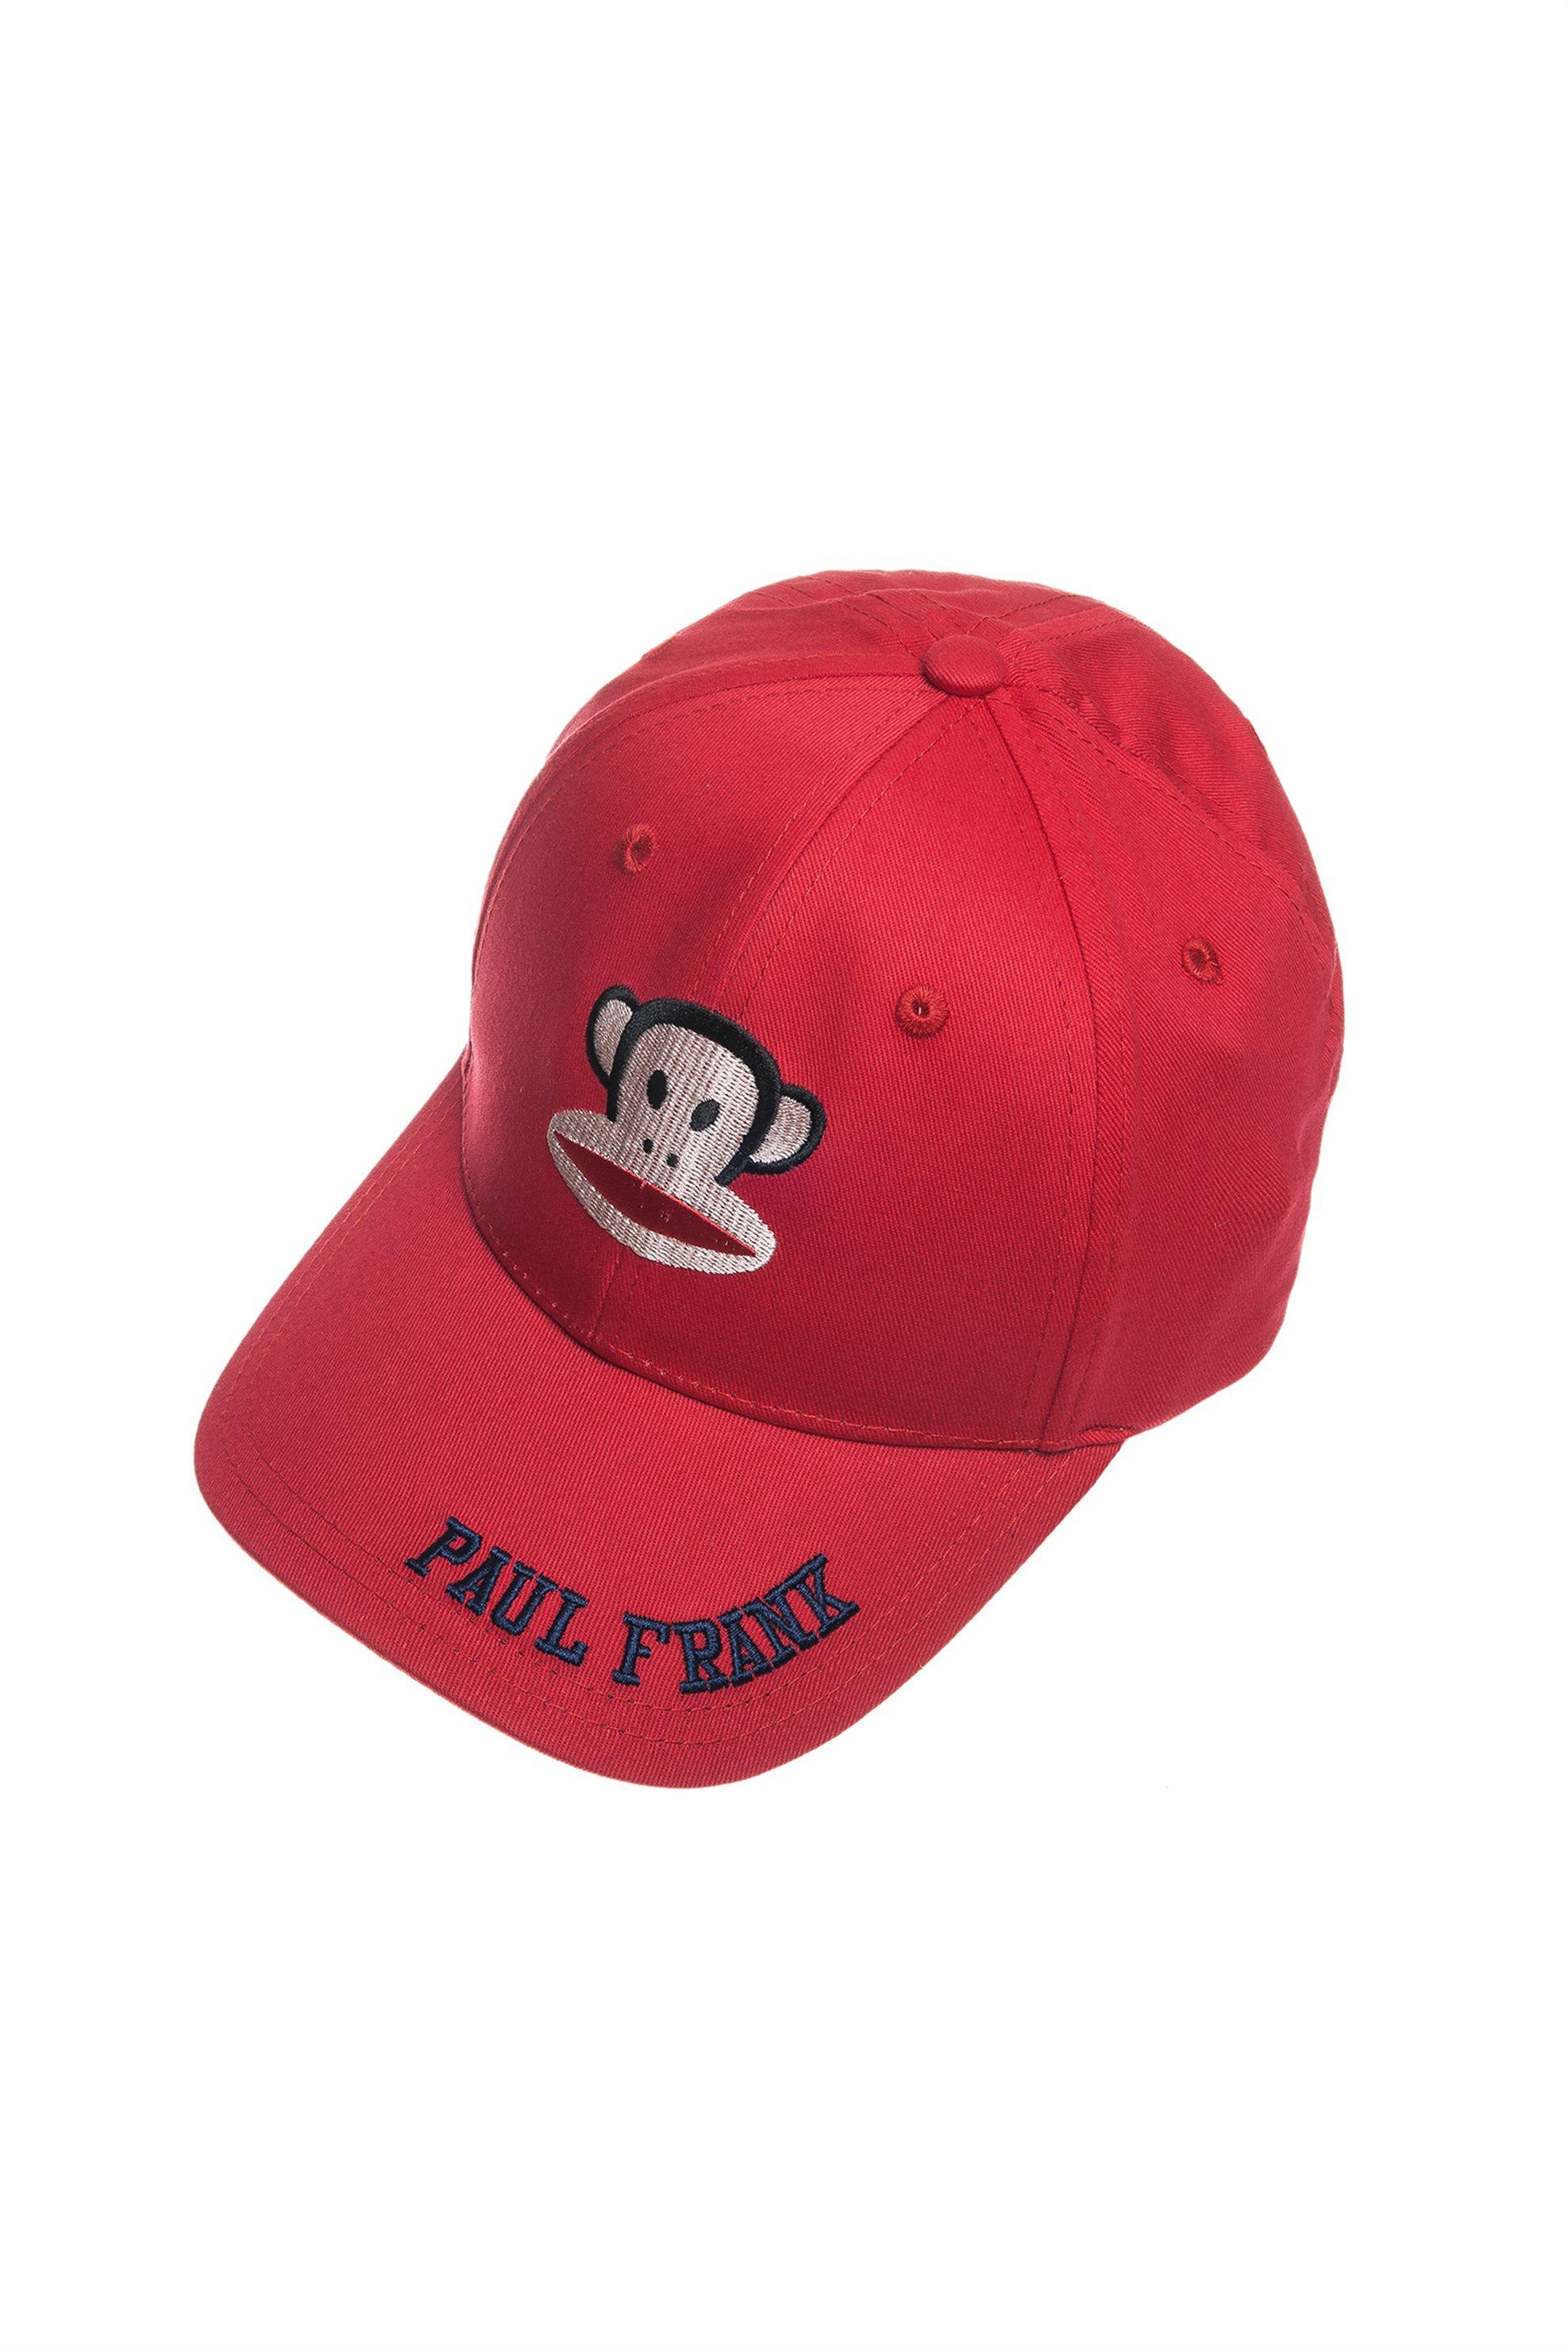 Παιδικό καπέλο Τζόκευ (4-18 ετών) Paul Frank Collection - 00190297 - Κόκκινο παιδι   κοριτσι   4 14 ετων   αγορι   4 14 ετων   αξεσουάρ   αξεσουάρ   καπέλα